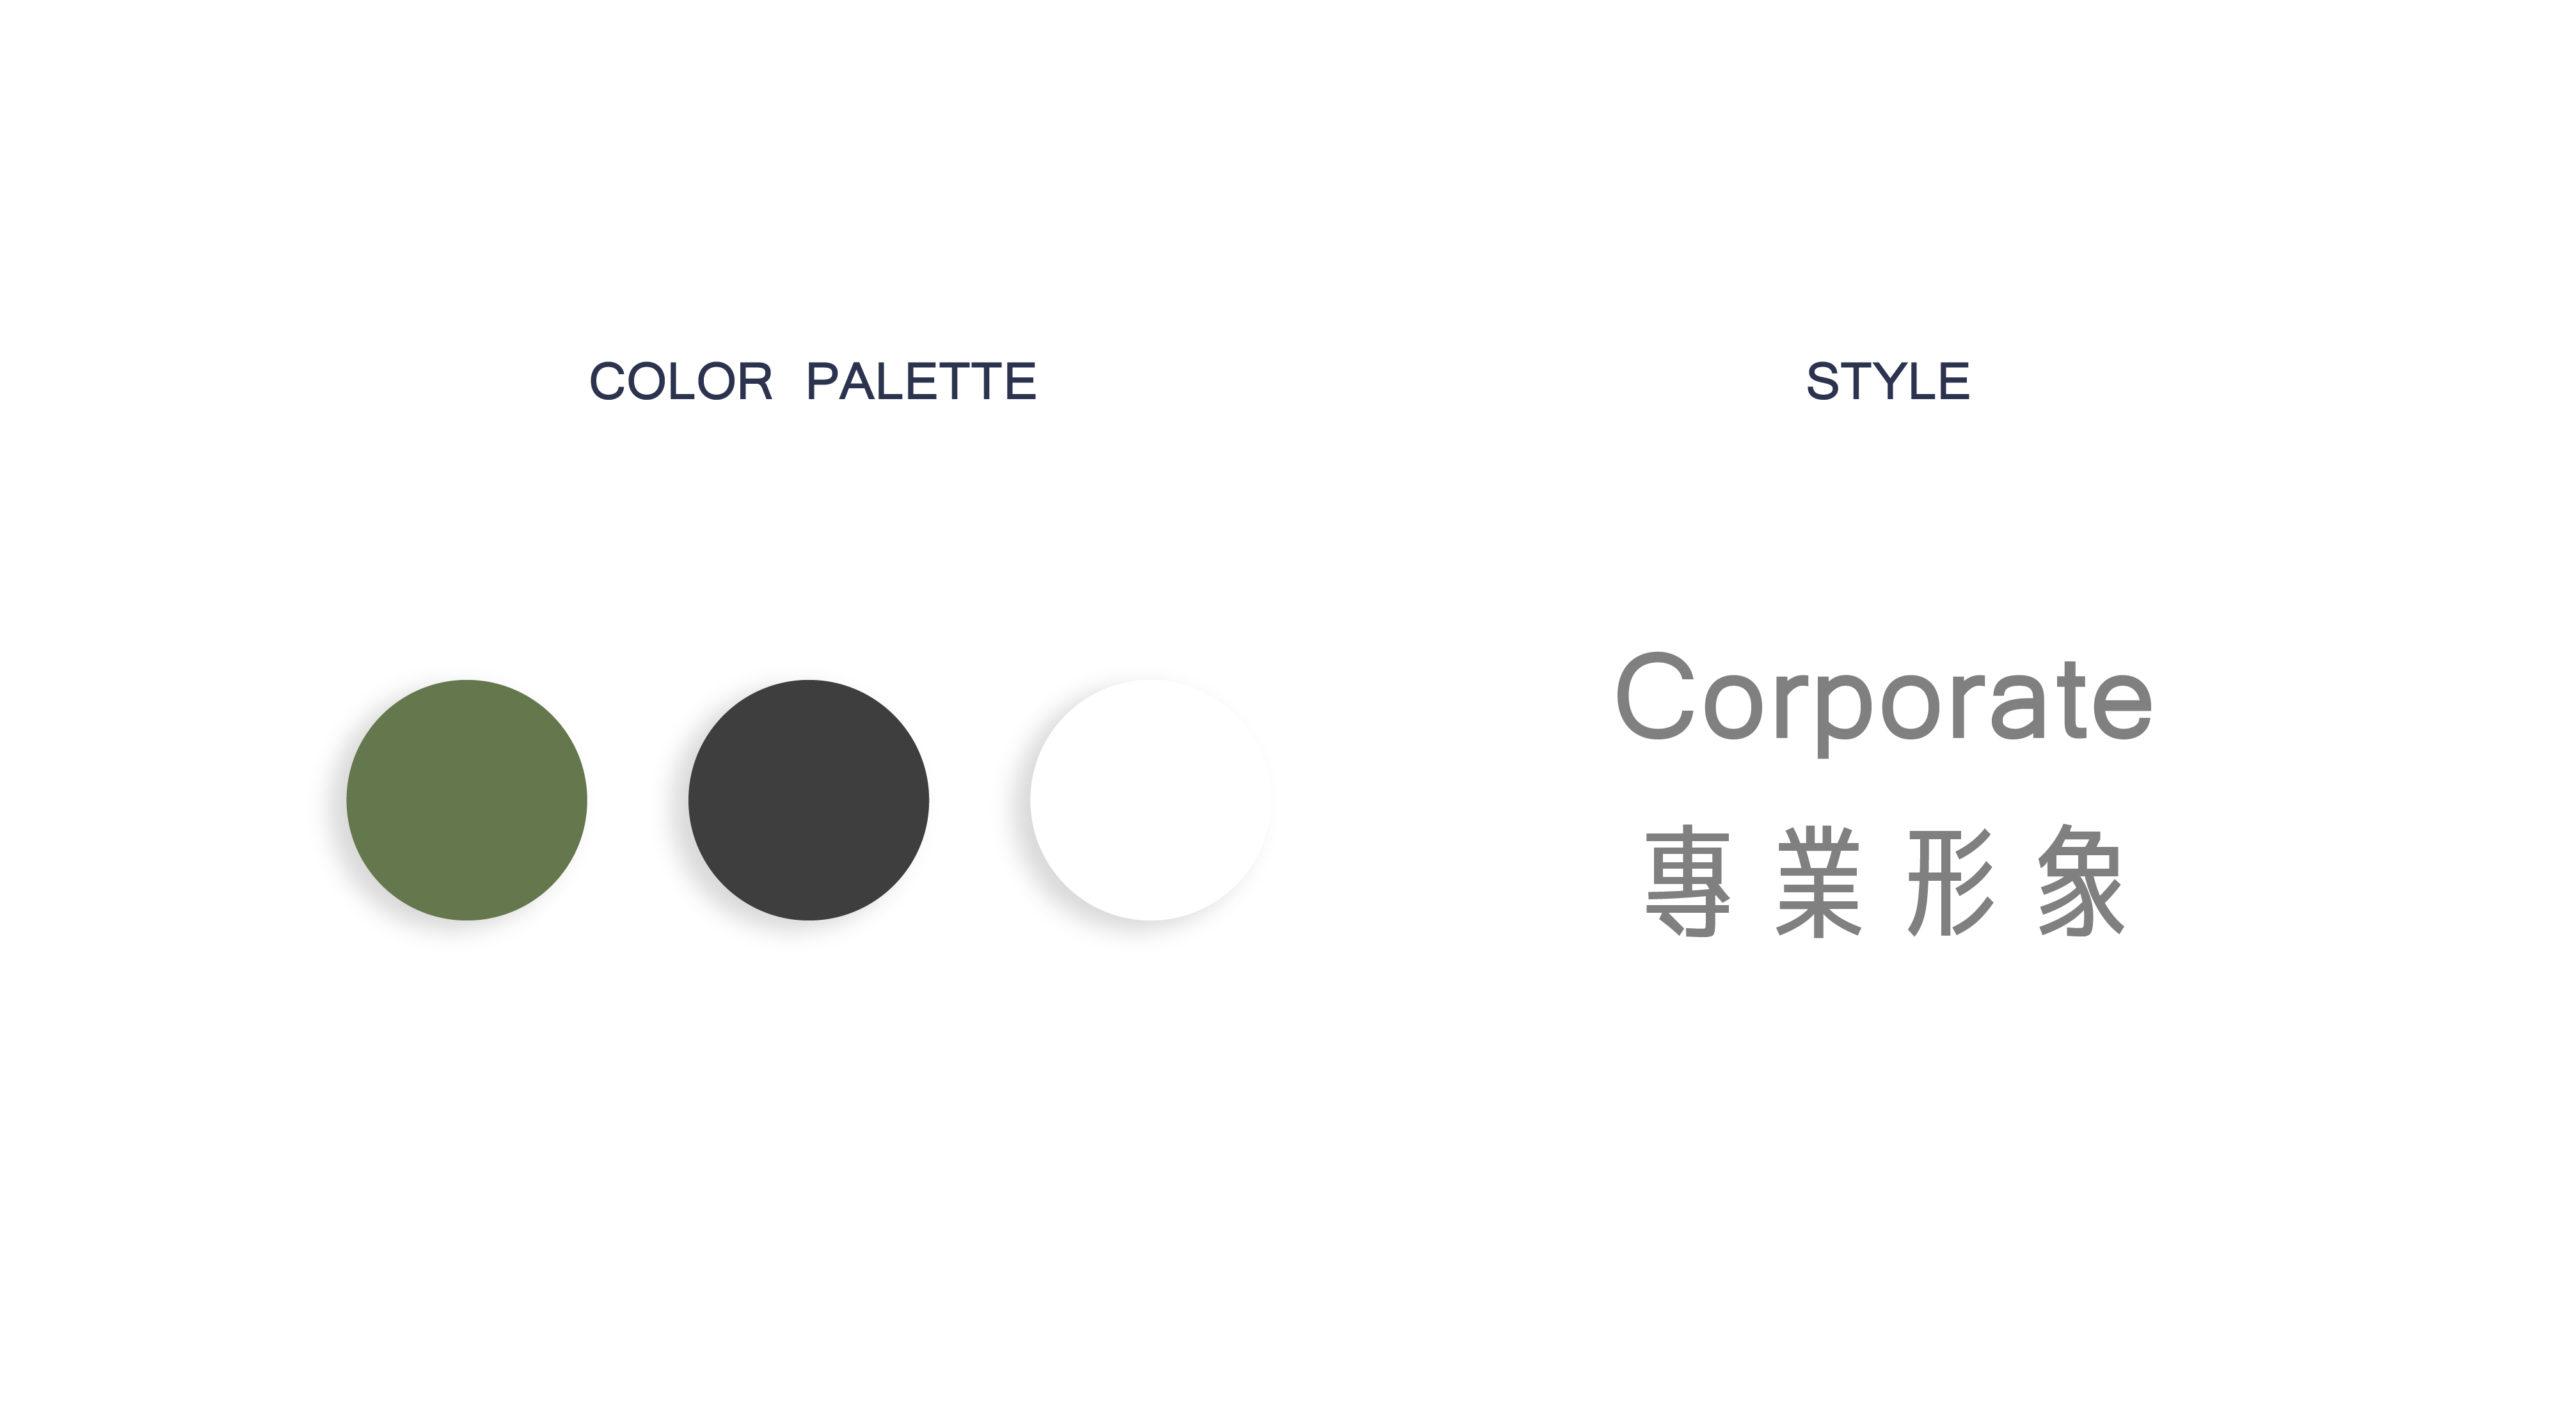 _官網_portfolio更新_1205-24-scaled.jpg